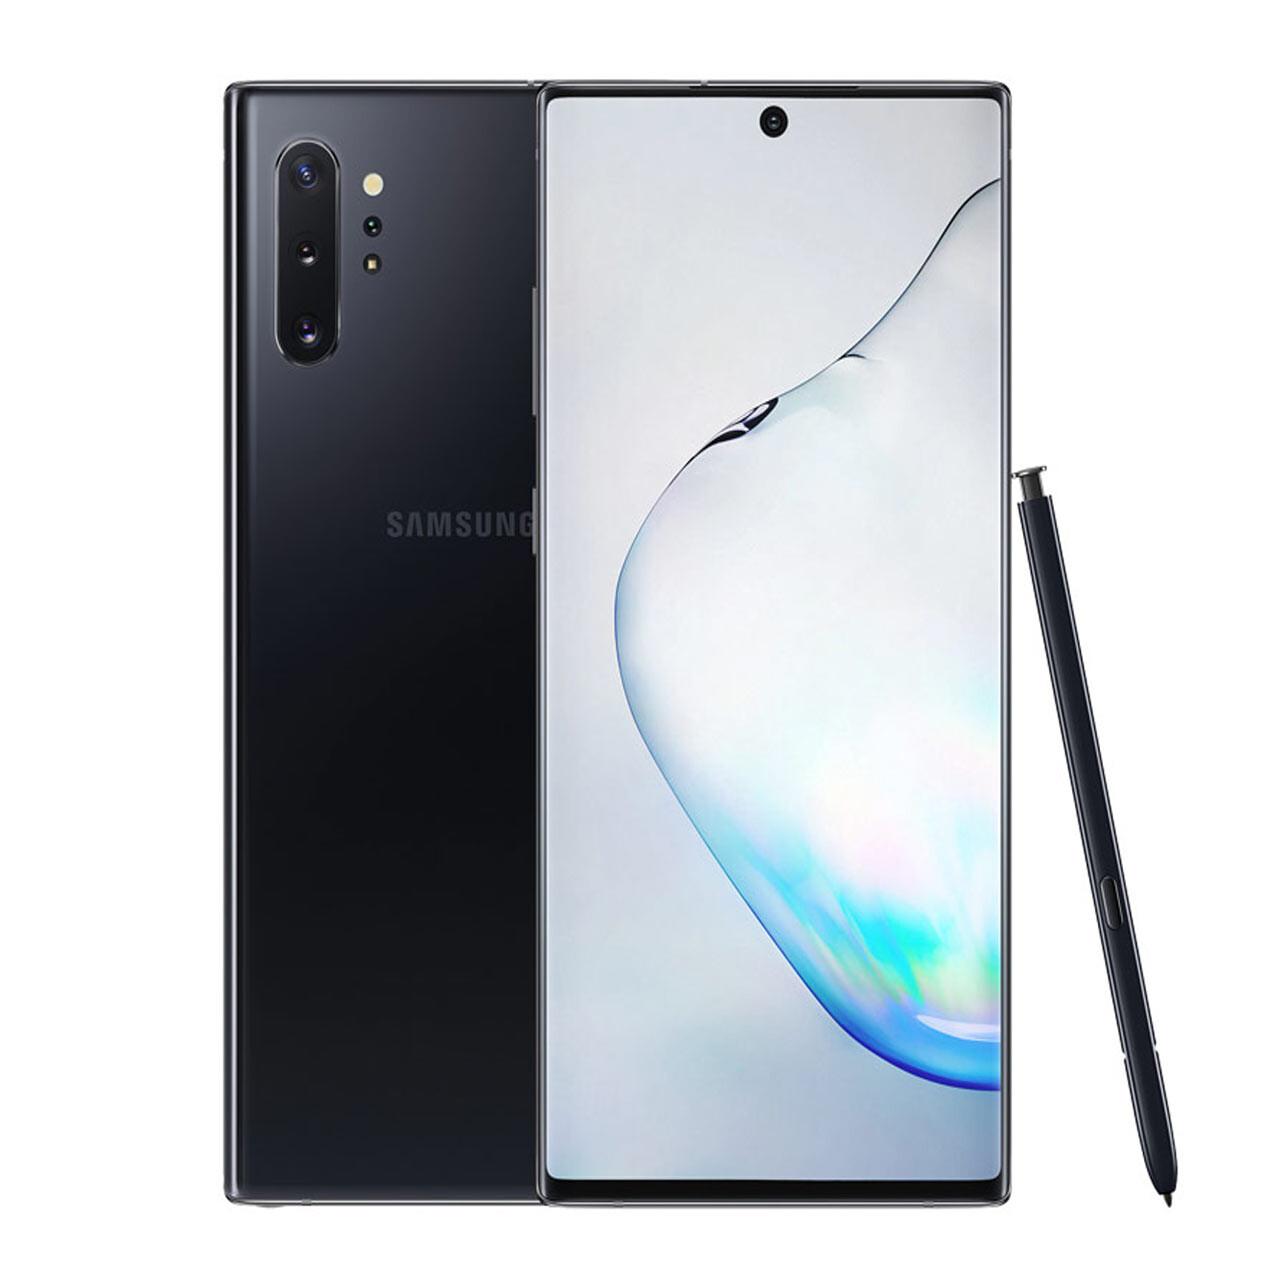 موبایل سامسونگ مدل Galaxy Note 10 Plus حافظه 256 گیگابایت رم 12 گیگابایت